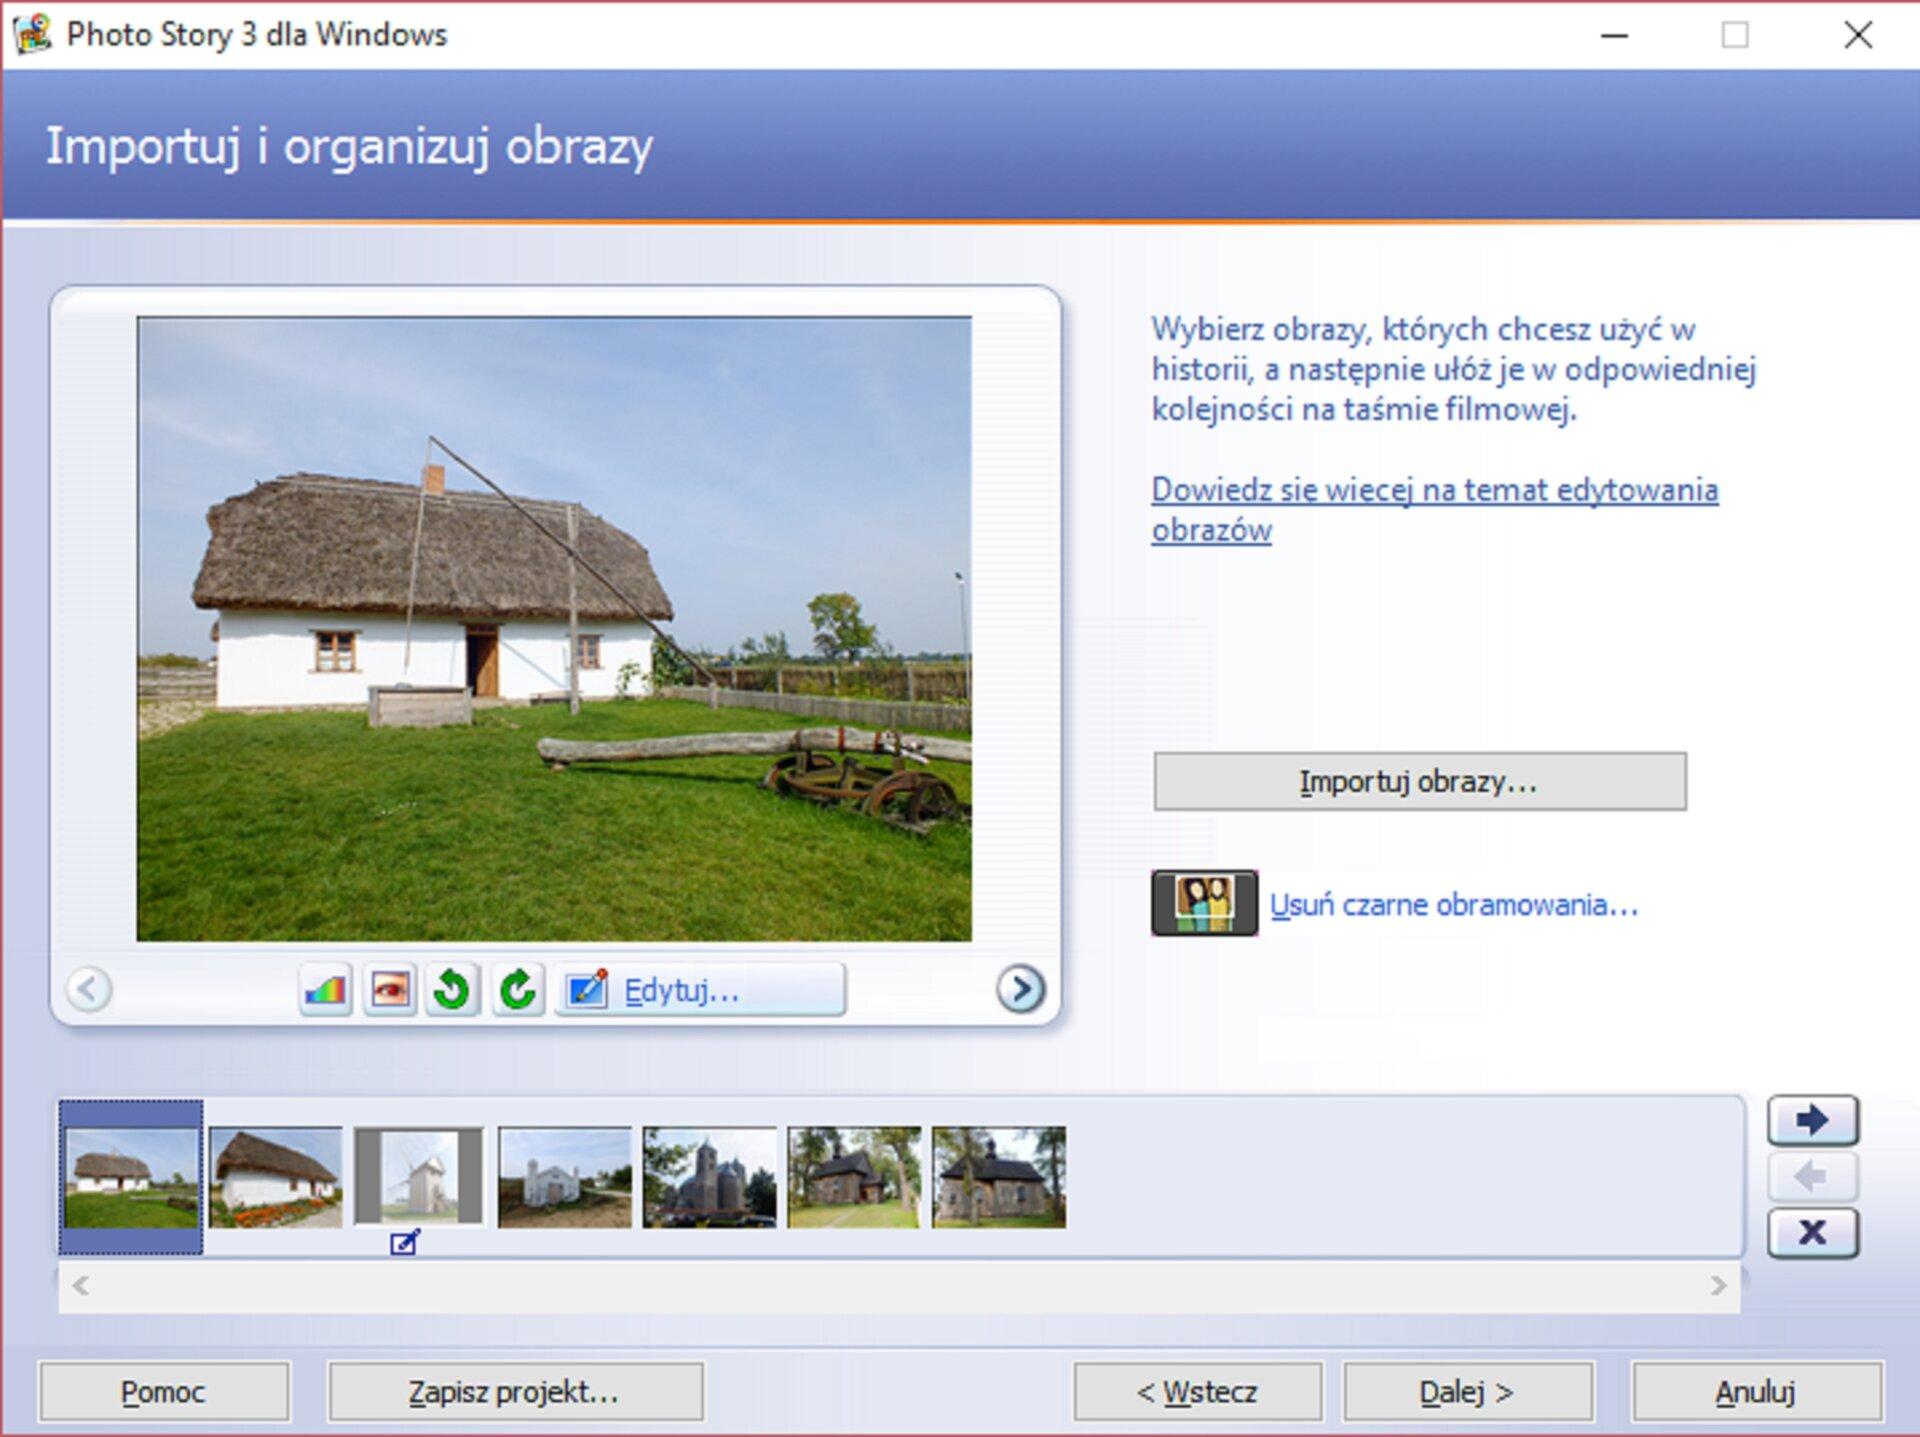 Zrzut okna: Importuj iorganizuj obrazy wprogramie Photo Story 3 dla Windows